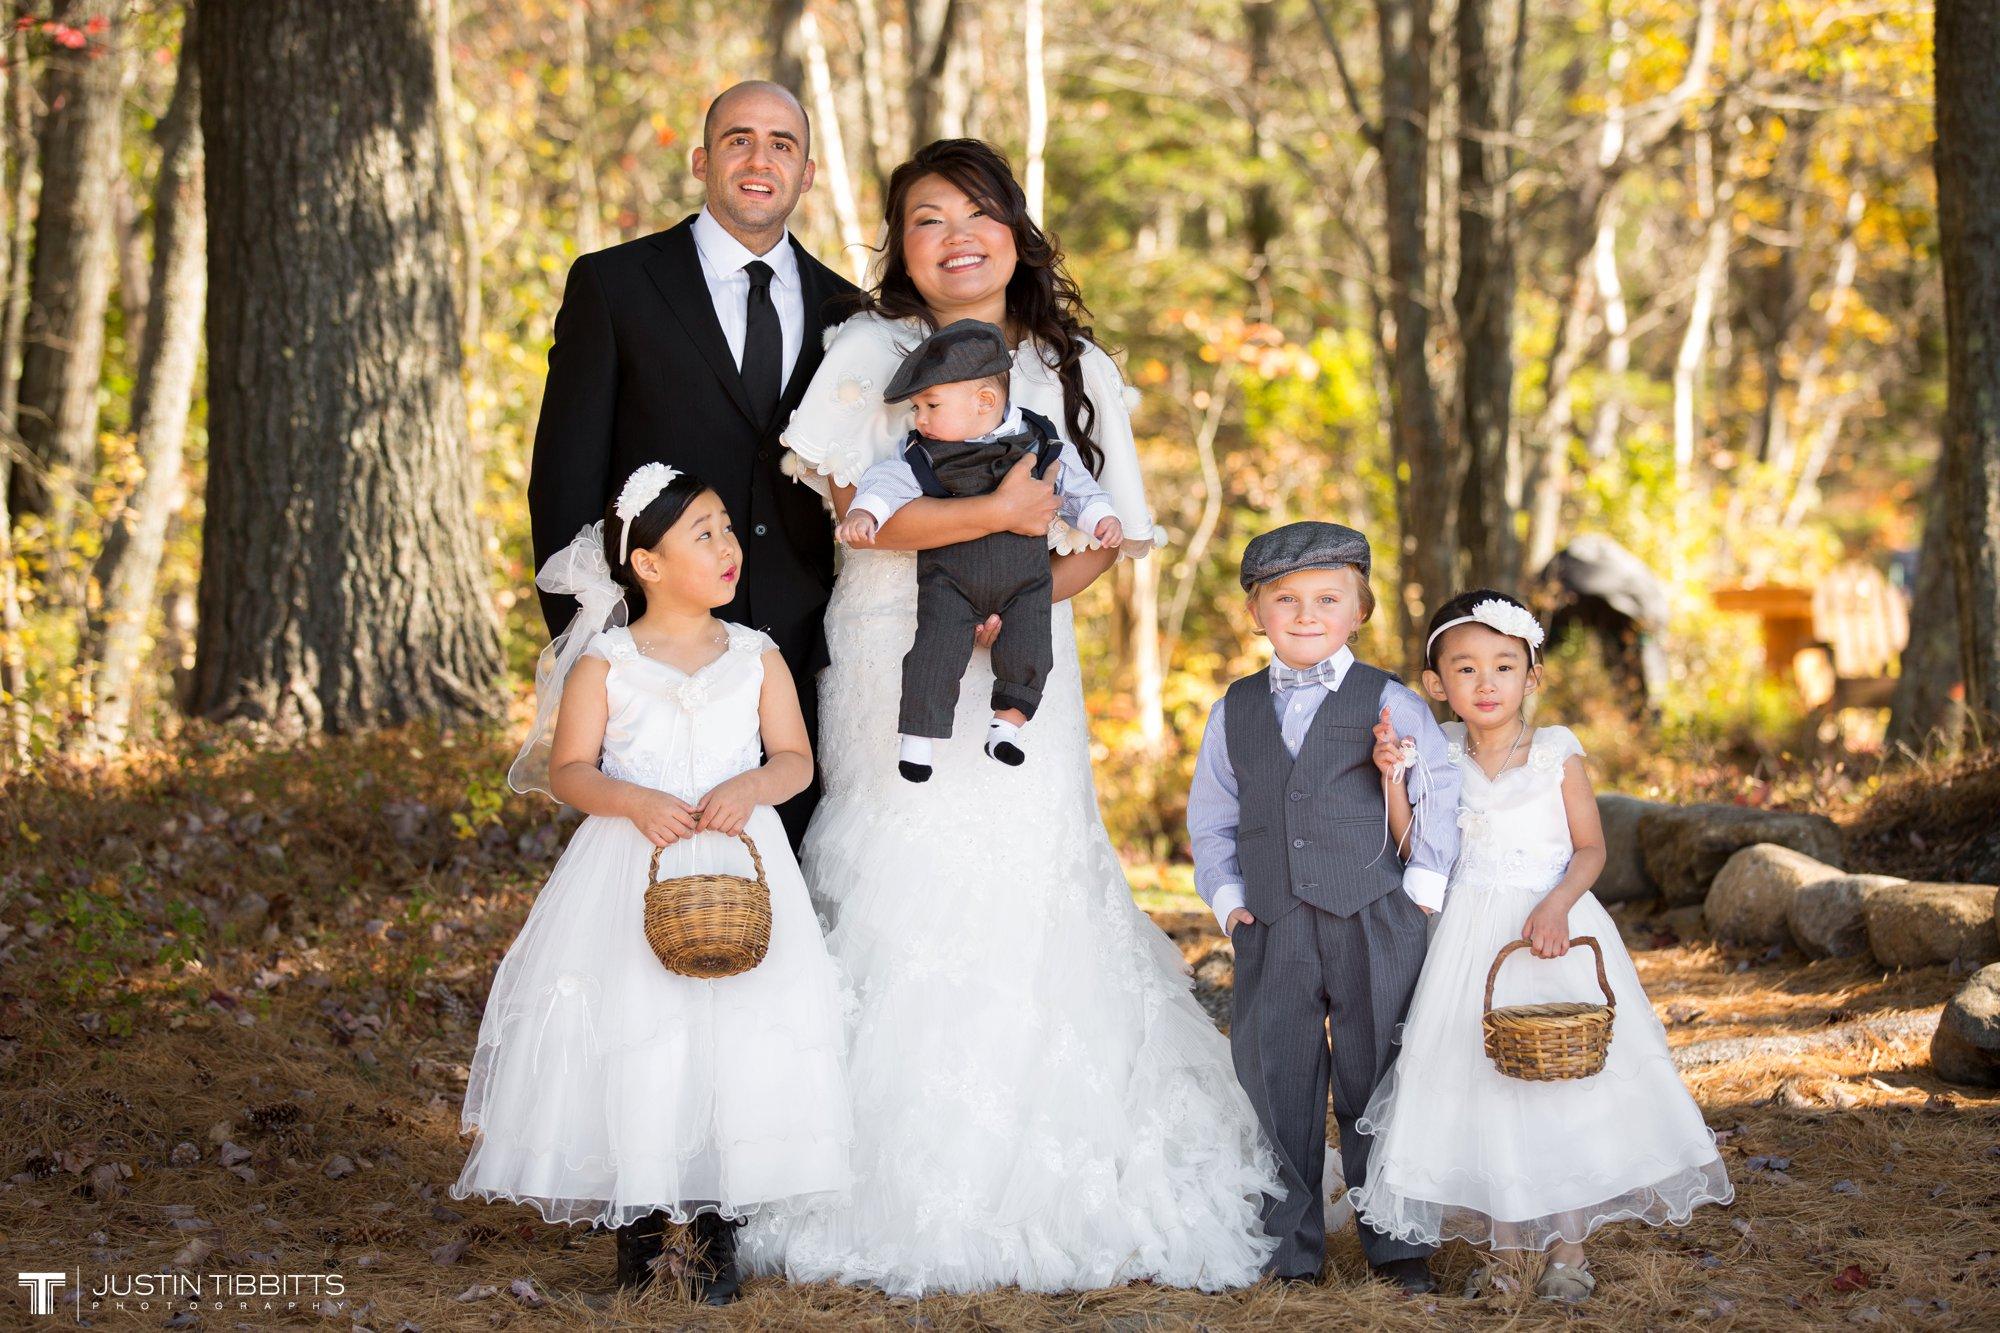 Albany NY Wedding Photographer Justin Tibbitts Photography 2014 Best of Albany NY Weddings-33011876